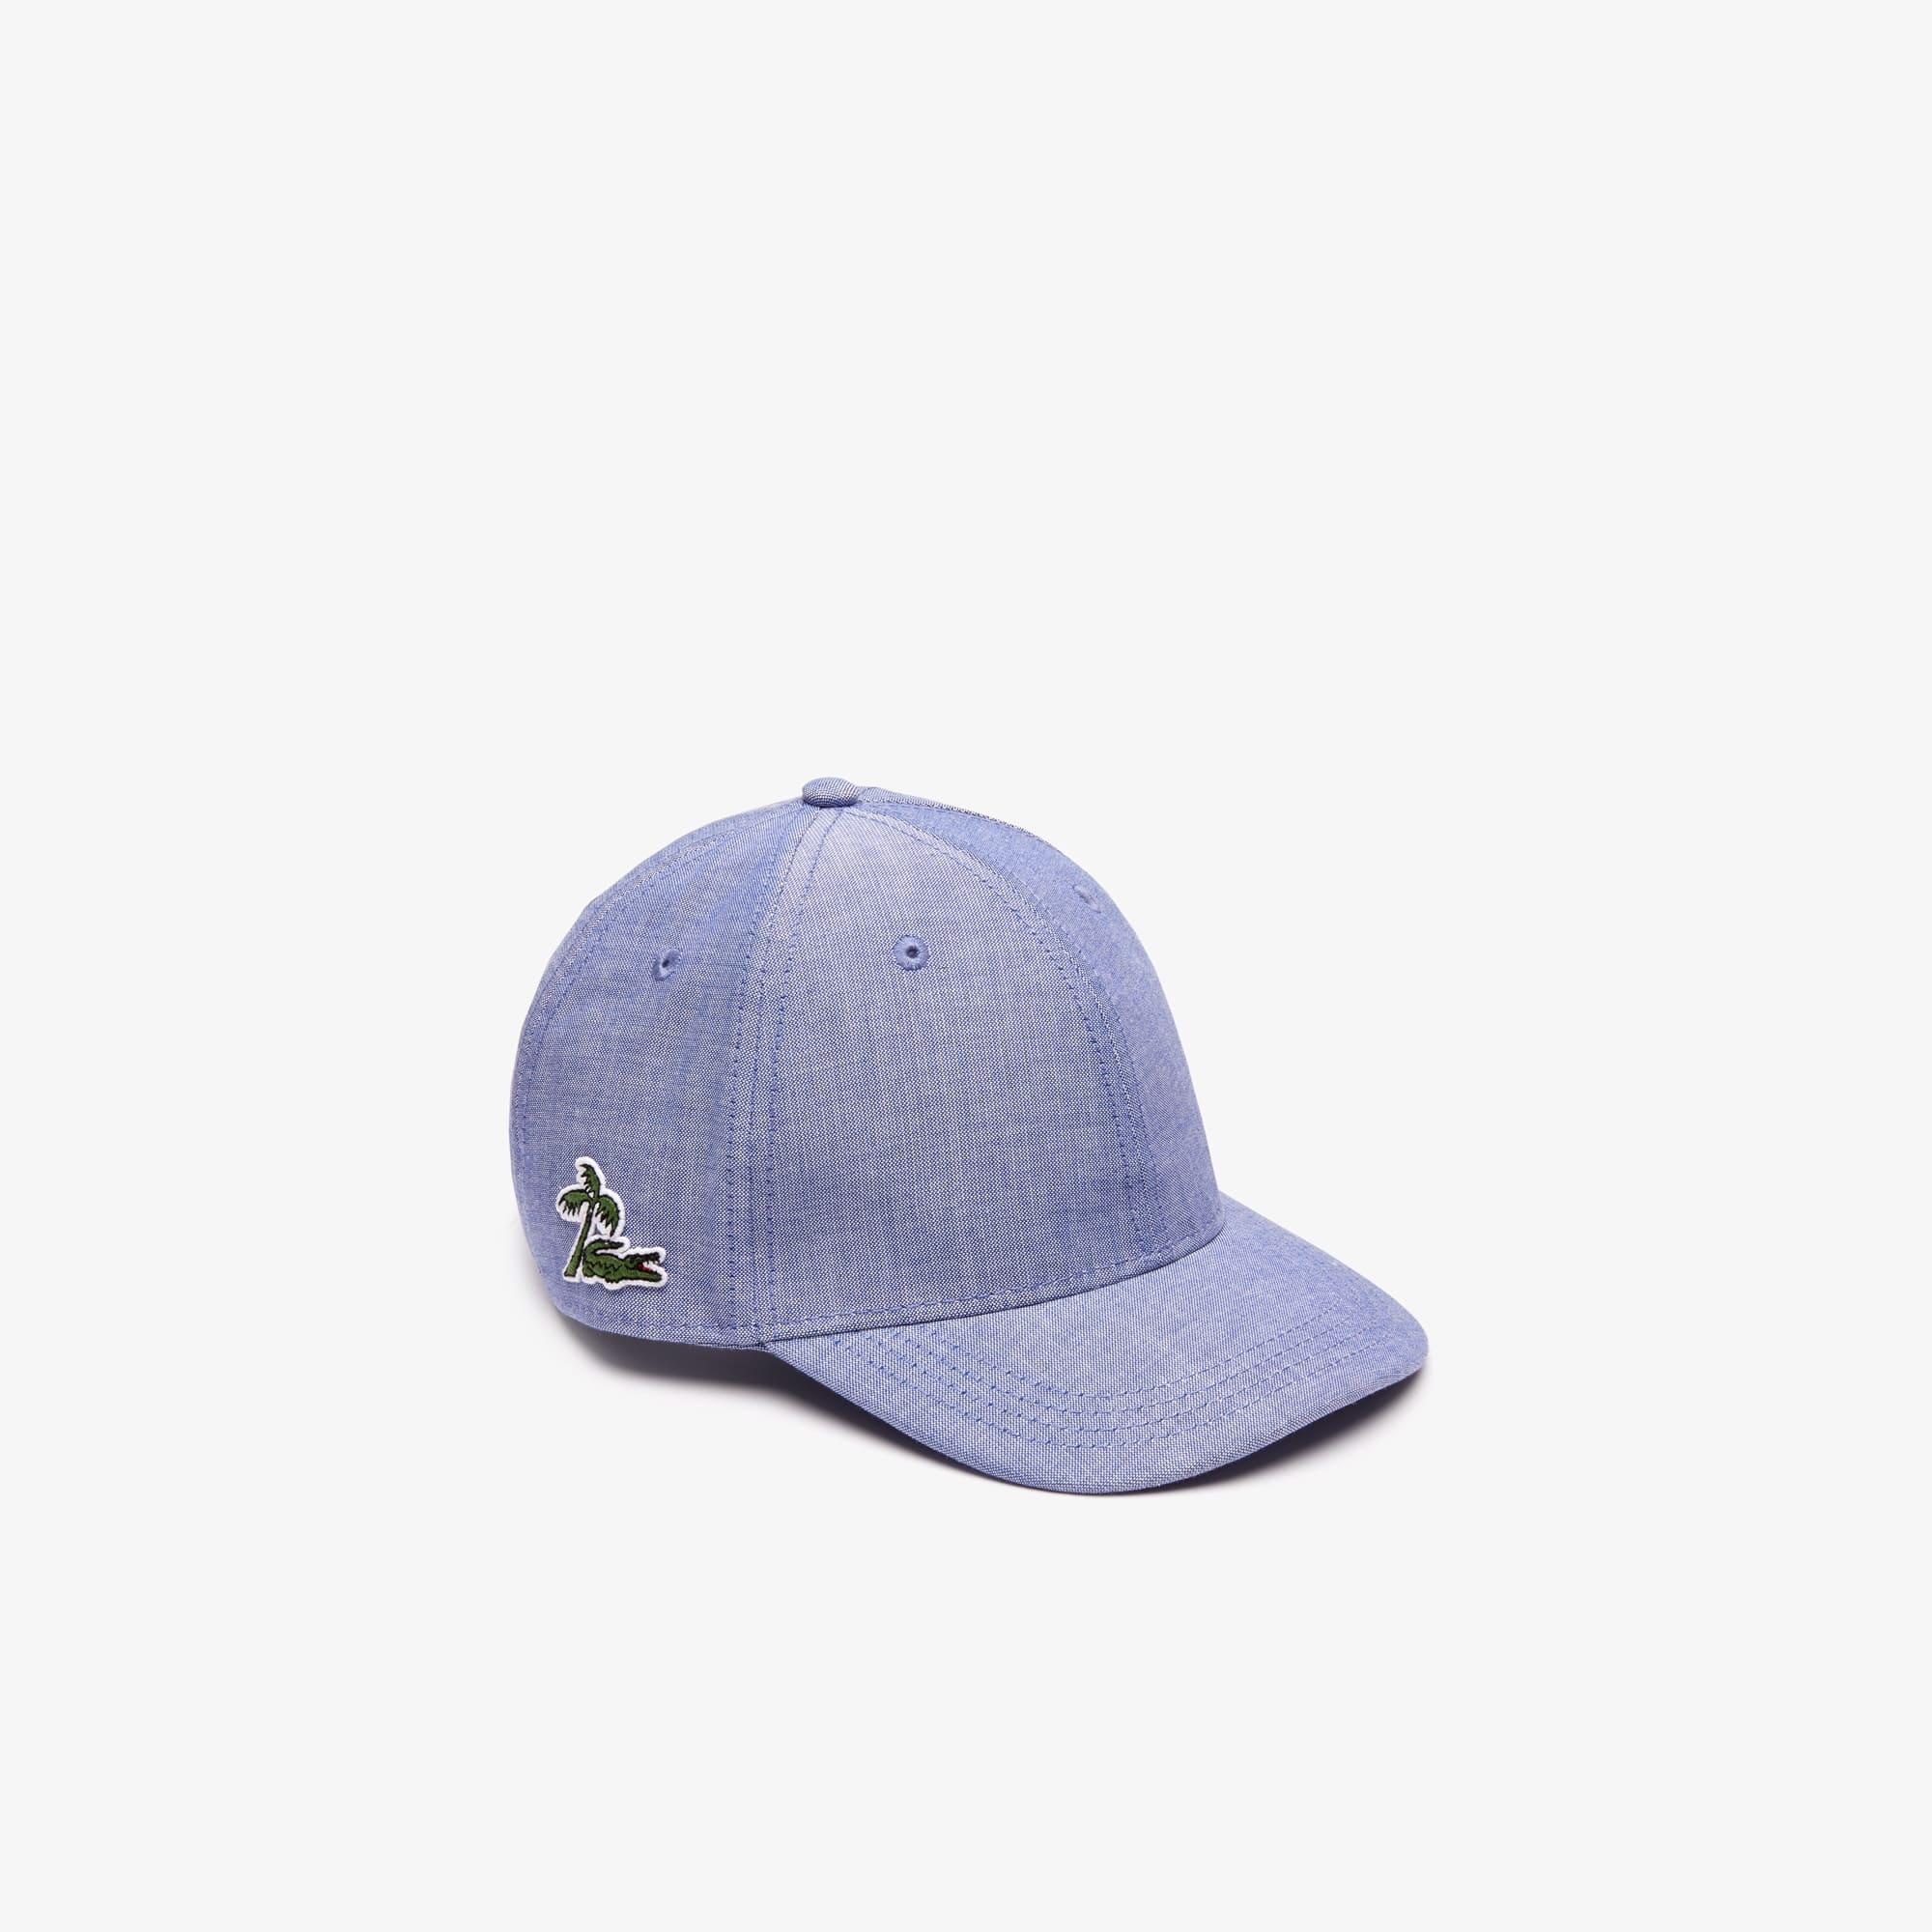 700a267d3979f Caps   Hats